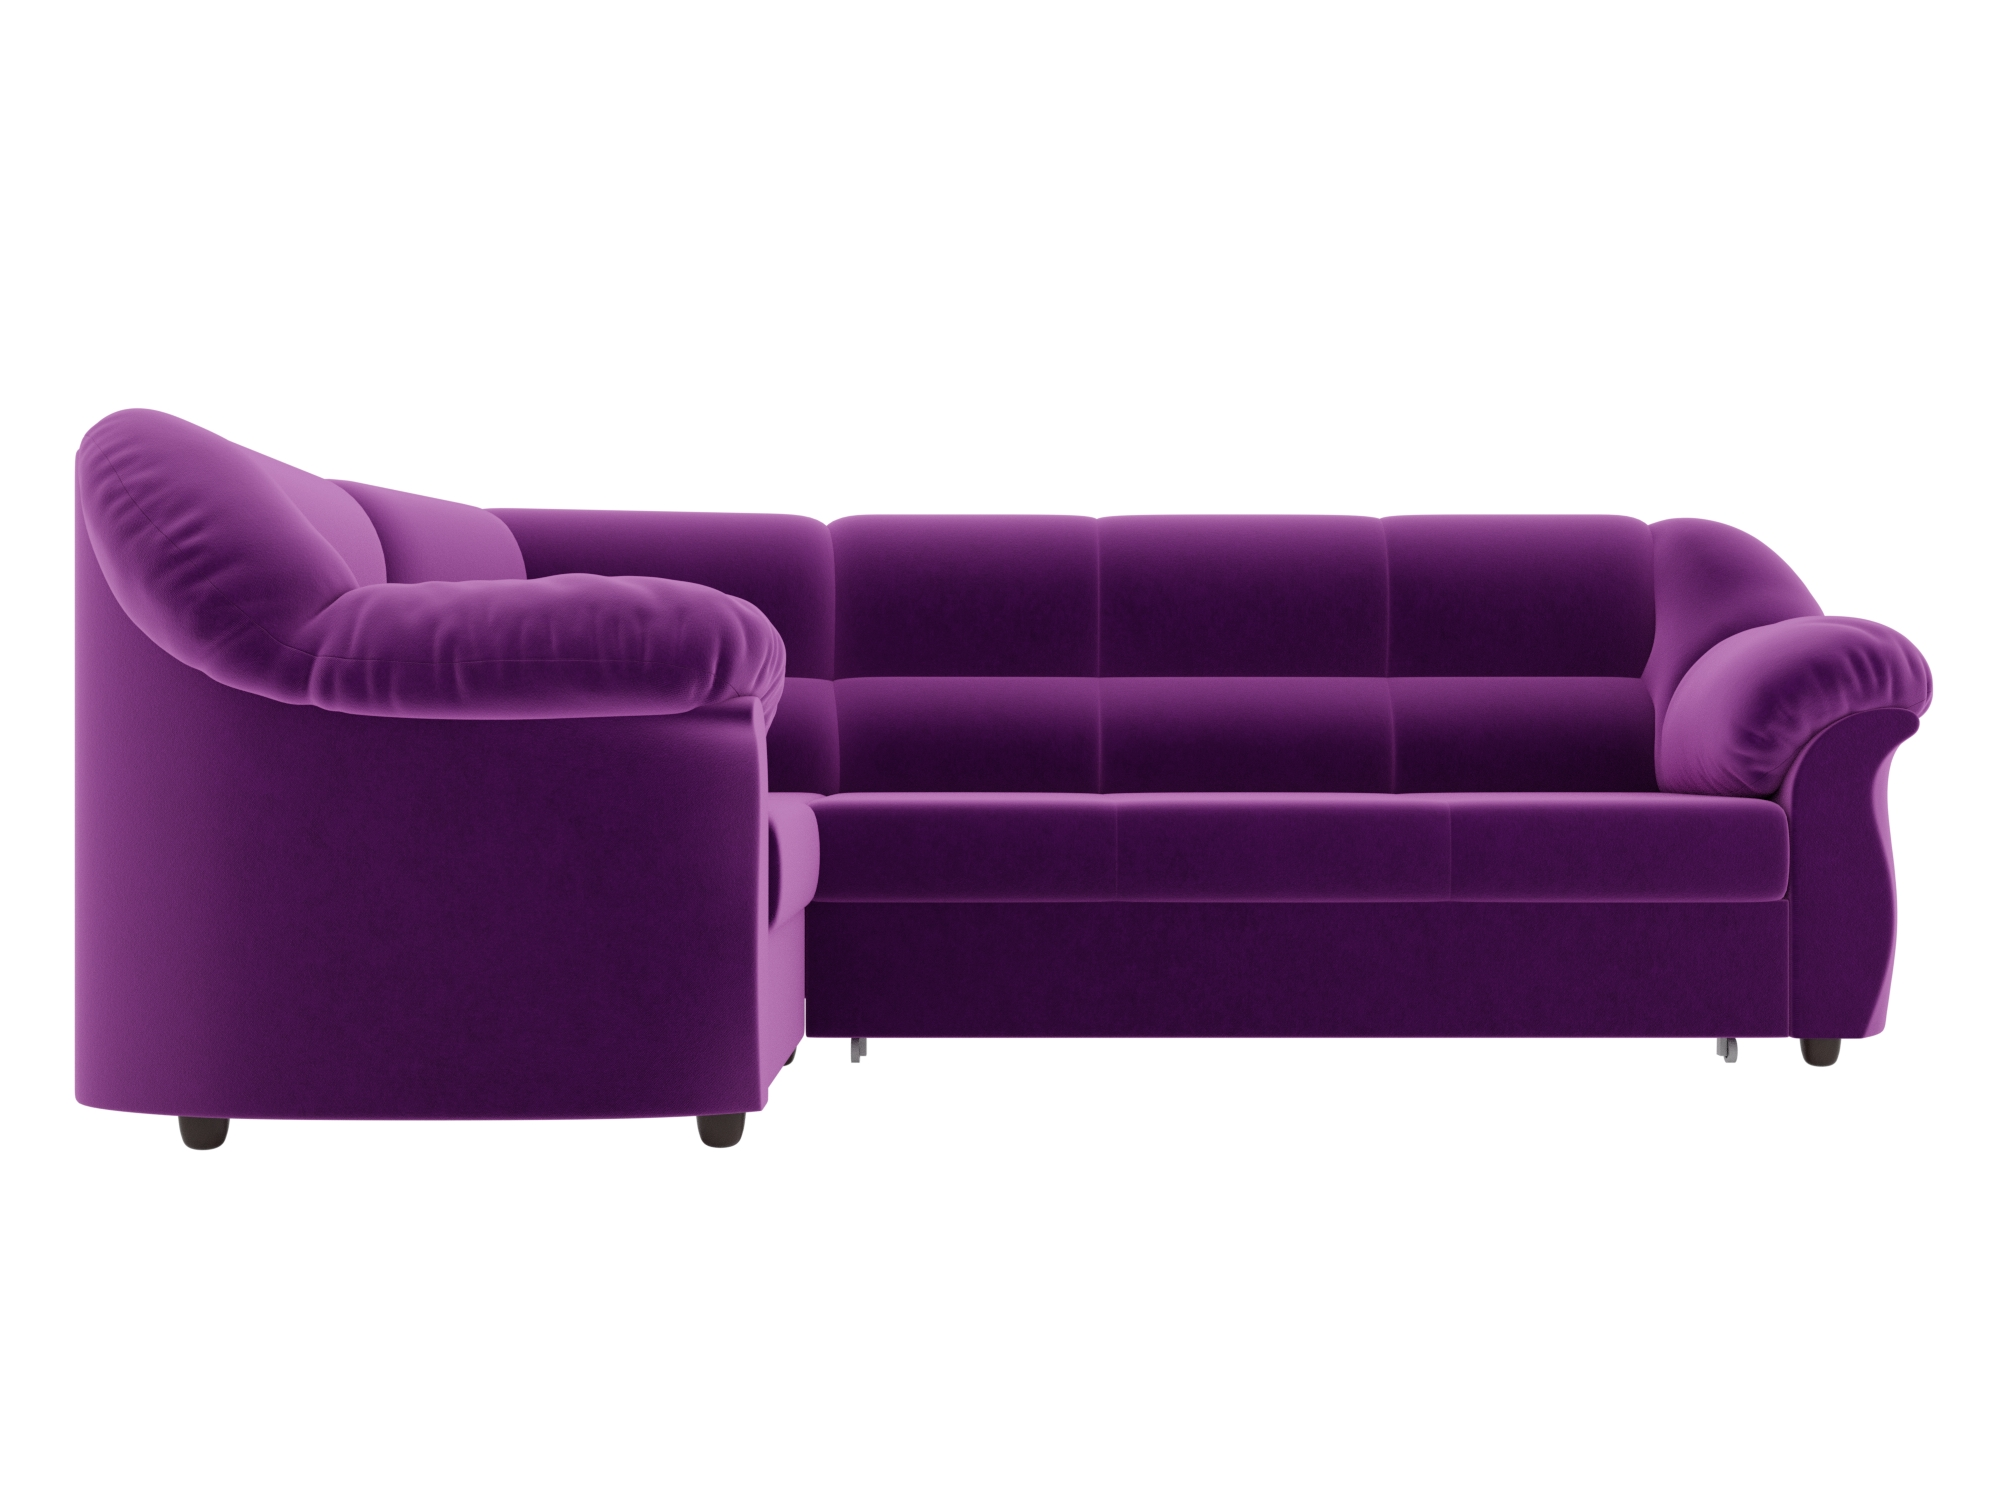 Угловой диван Карнелла Левый MebelVia Фиолетовый